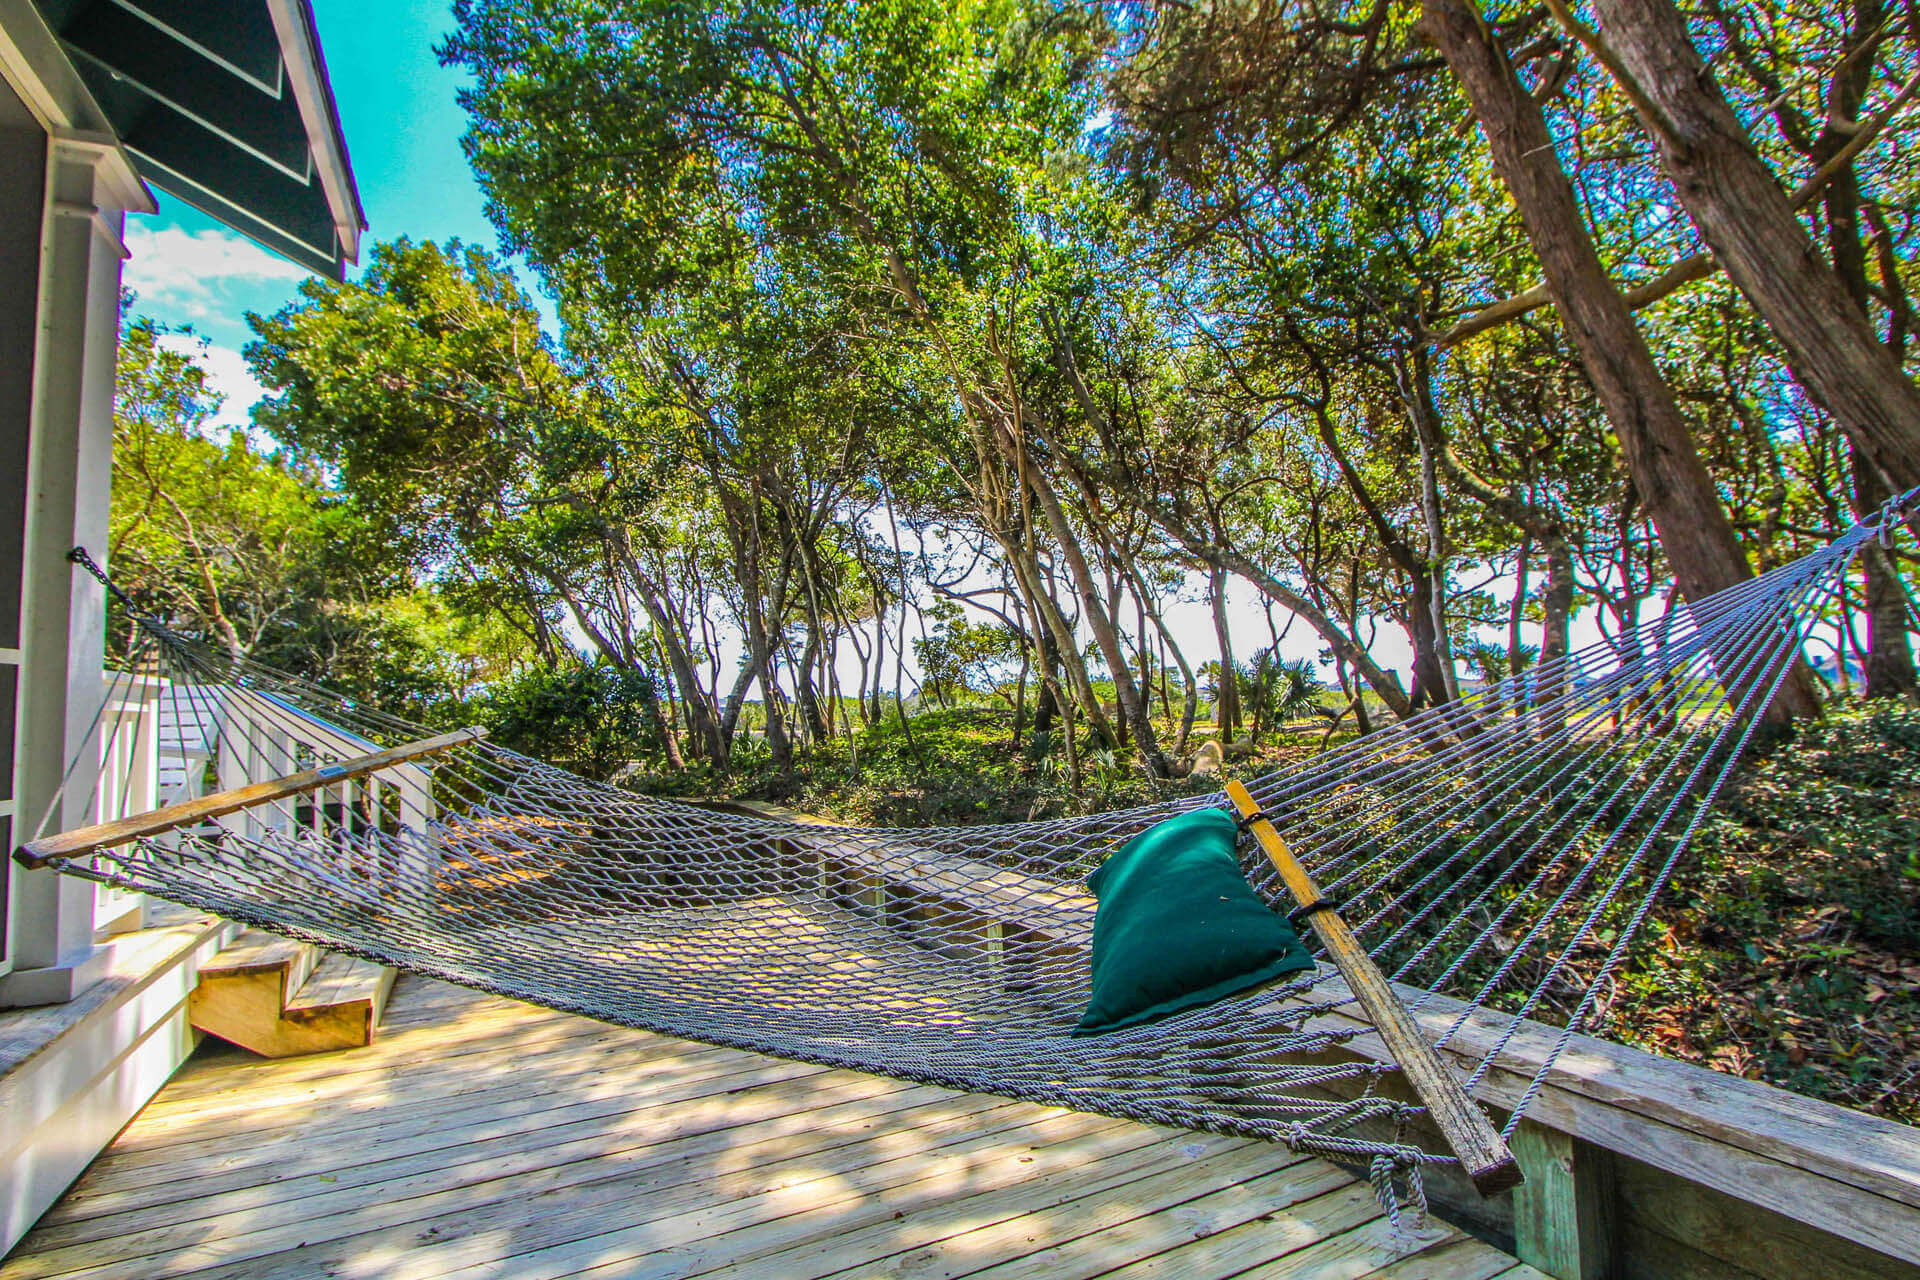 The Hammocks Bald Head Island Balcony